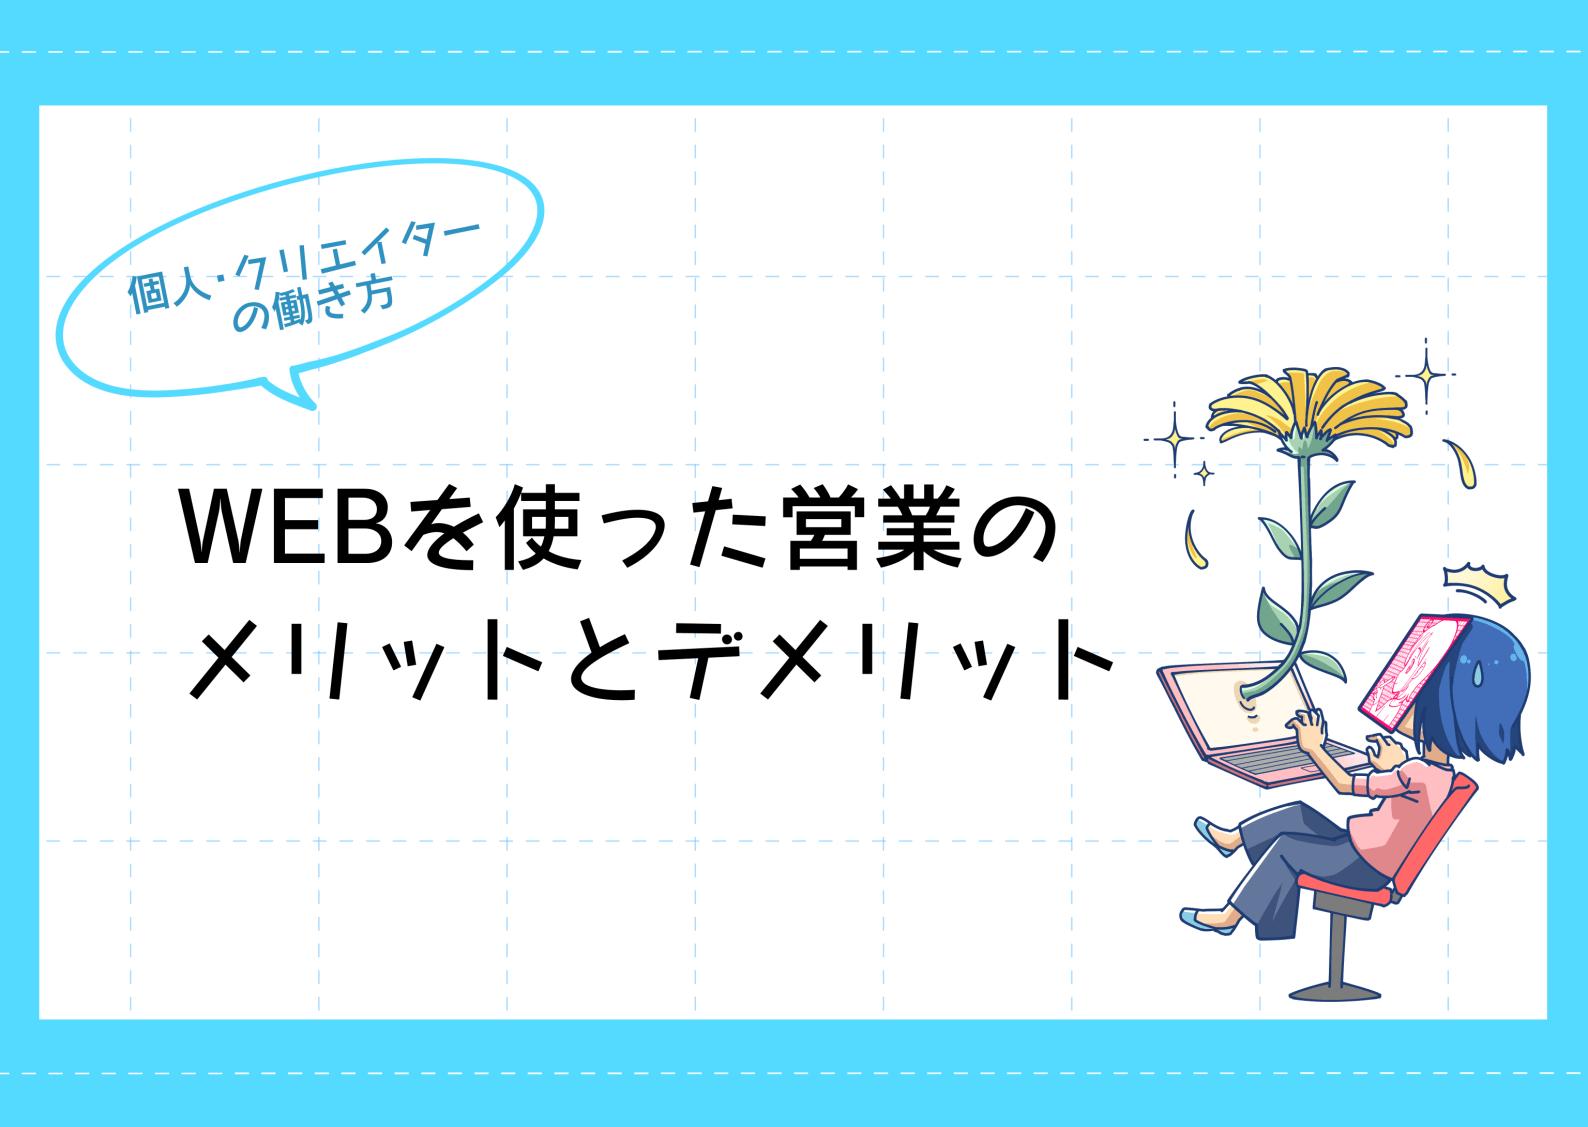 イラストレーターがWEB営業をするメリットとデメリット